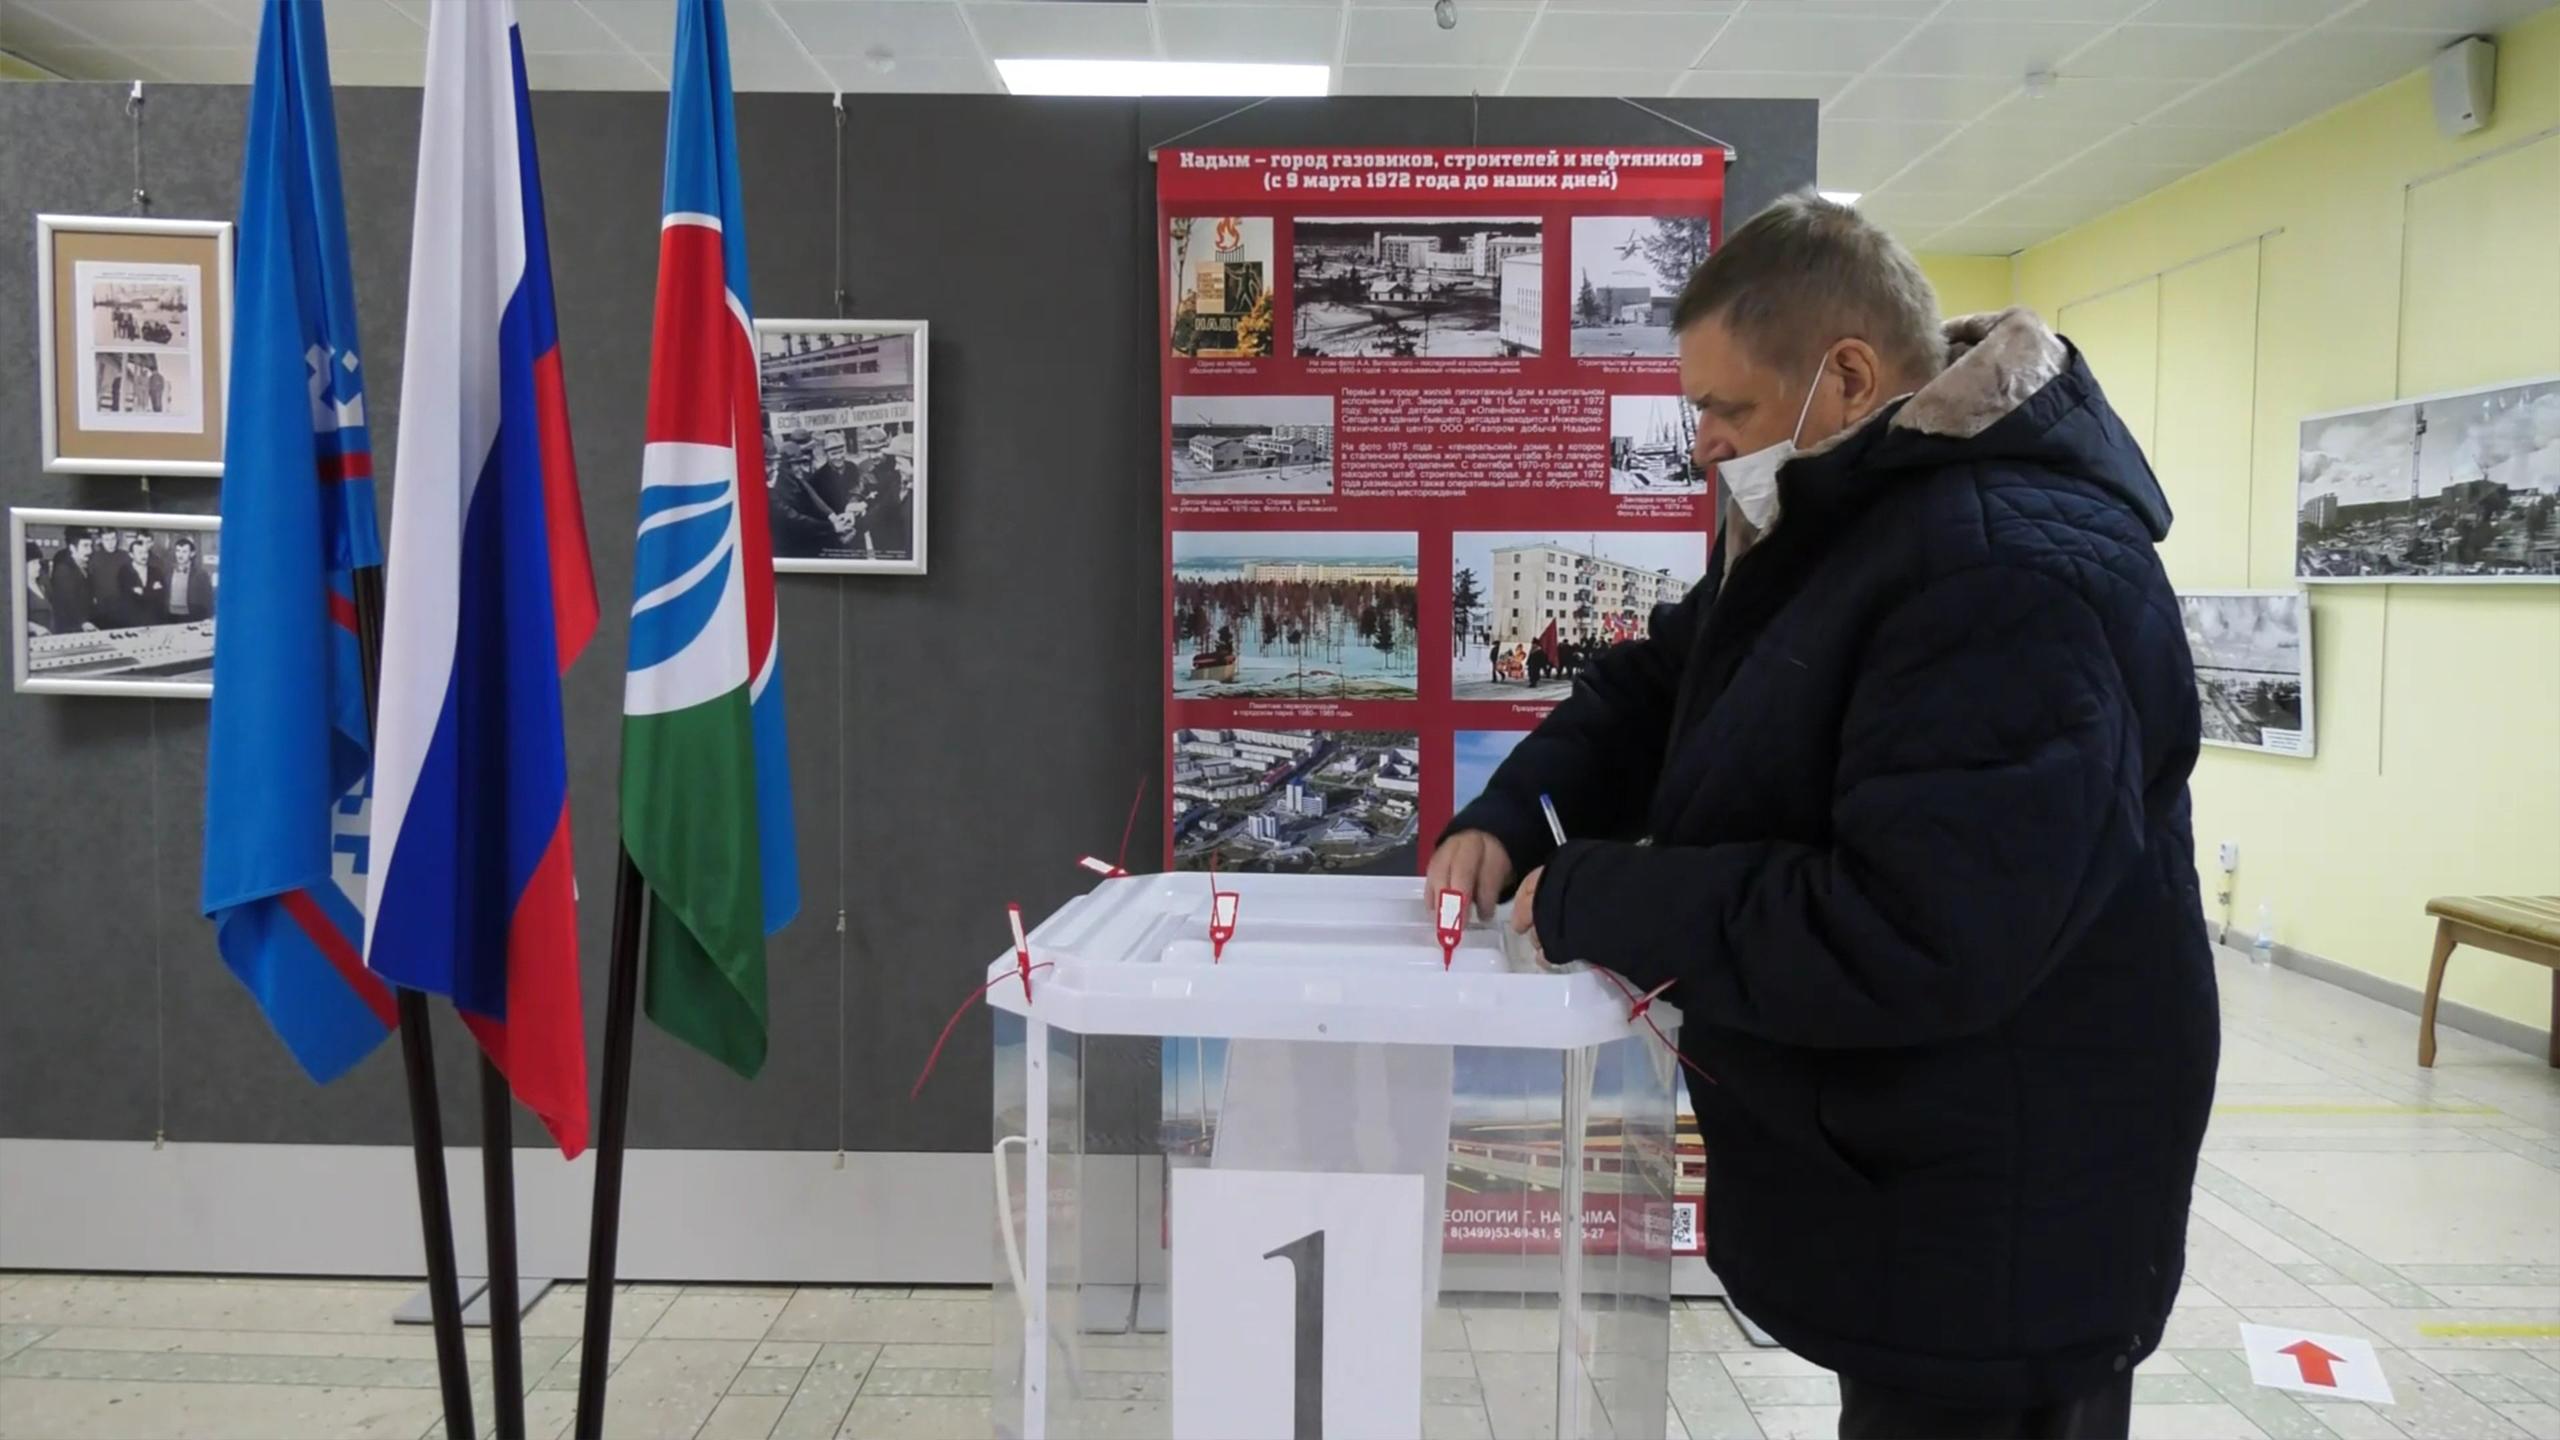 В Надыме идут голосовать в музей и ЗАГС